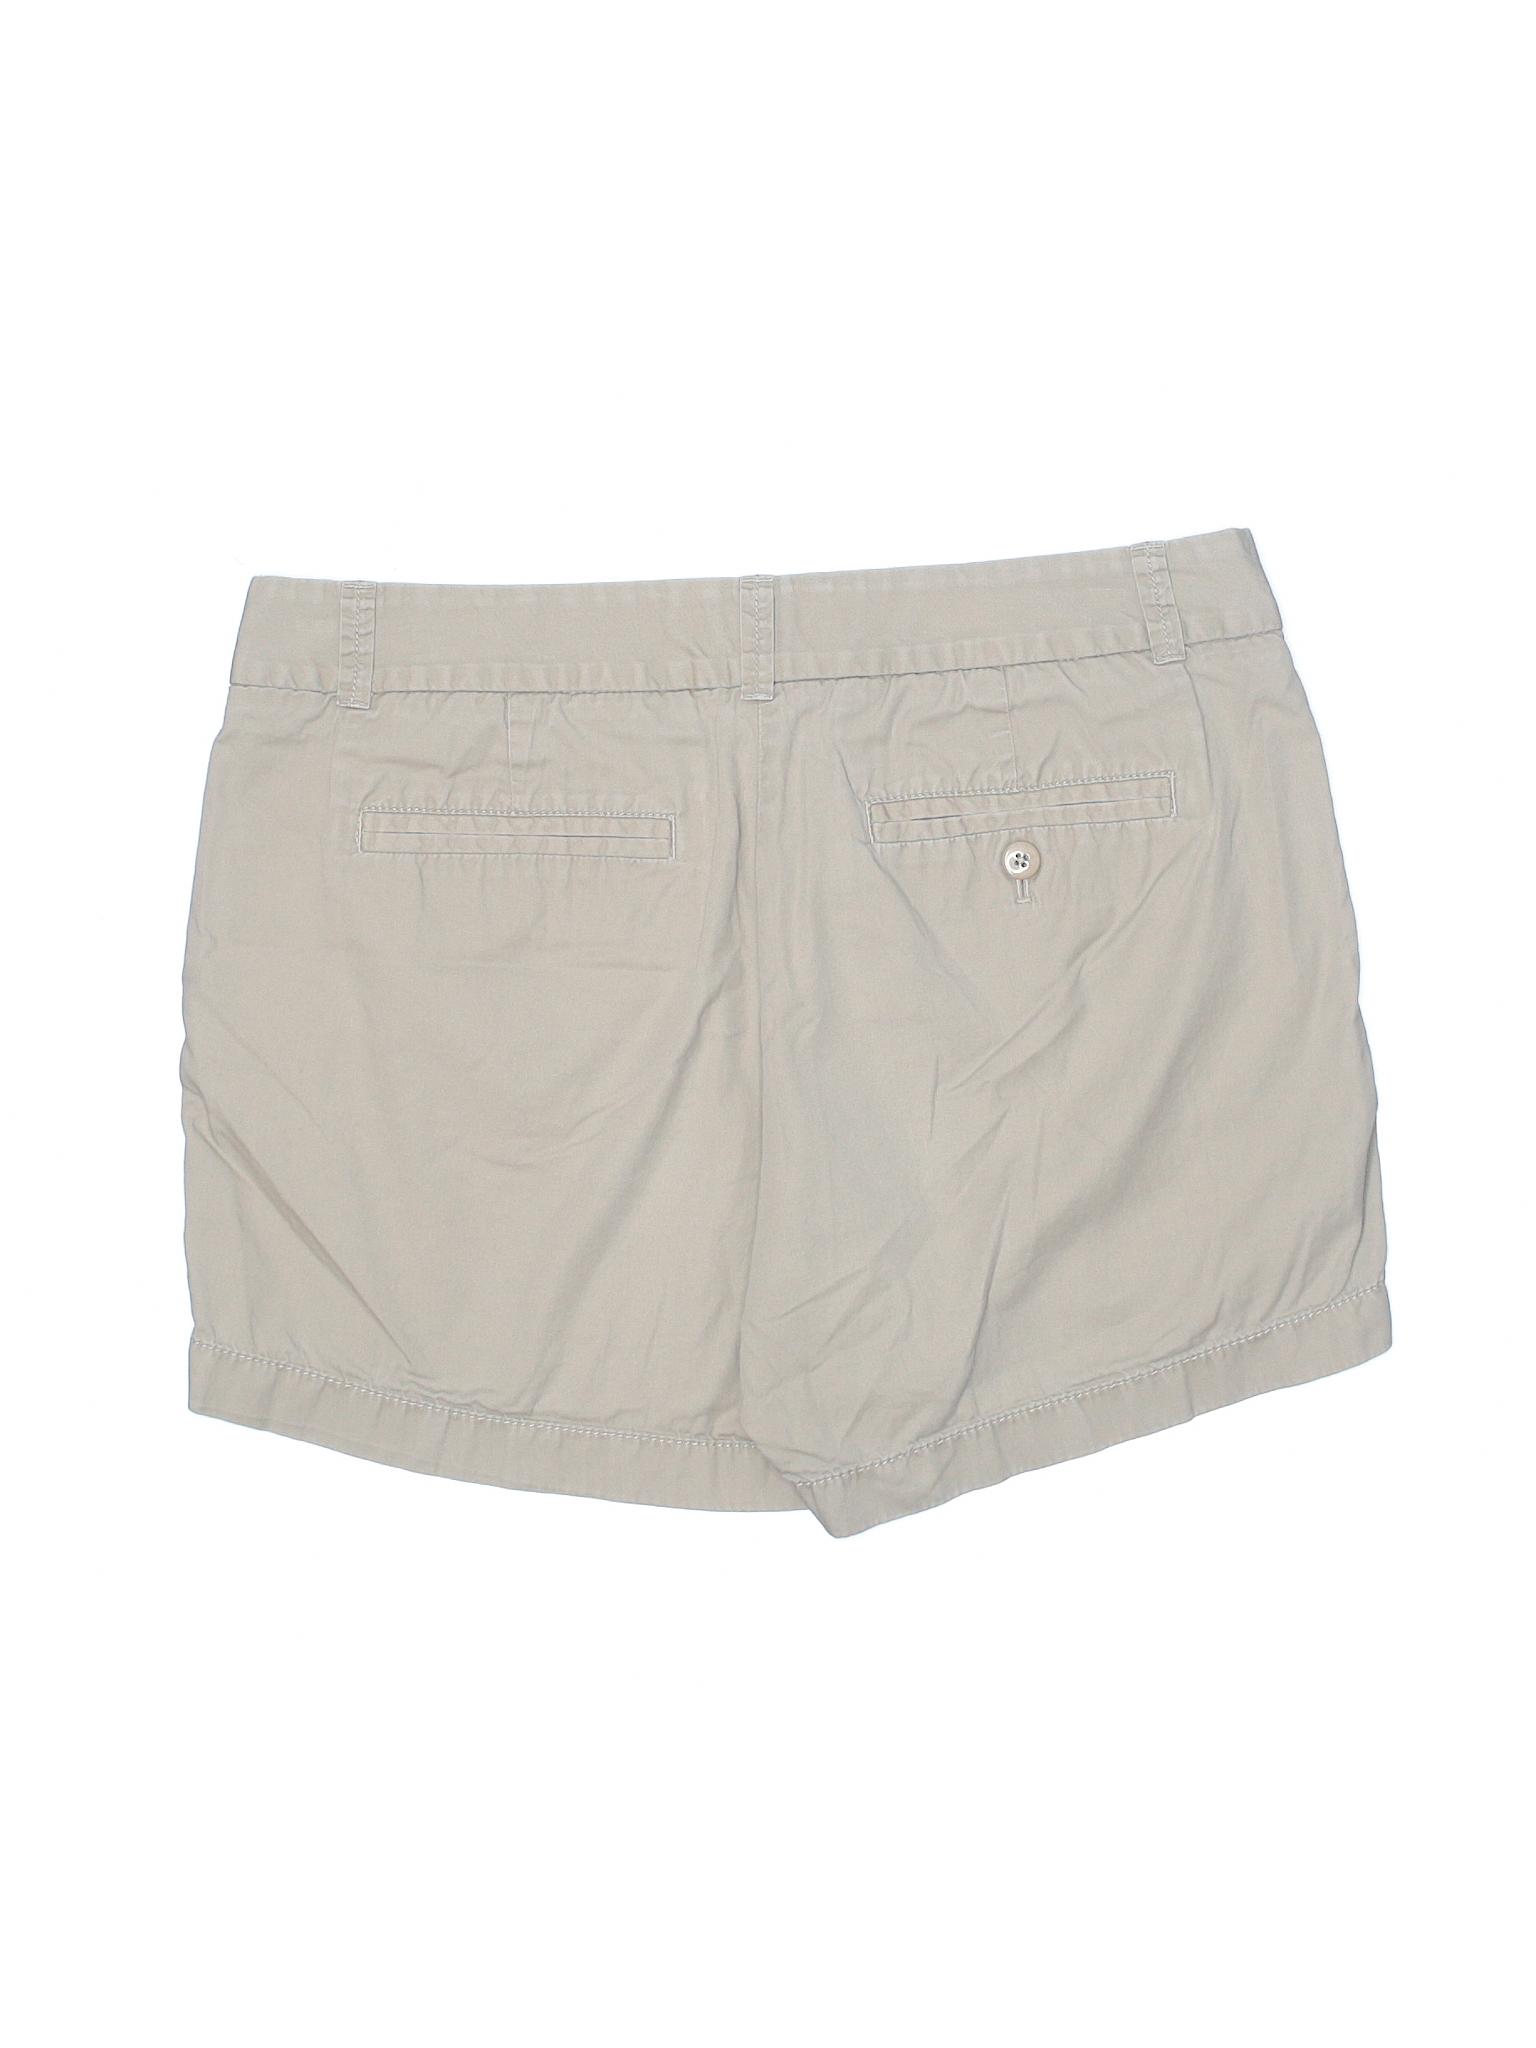 Boutique Khaki Collection leisure Shorts Crew J pnrYqfp